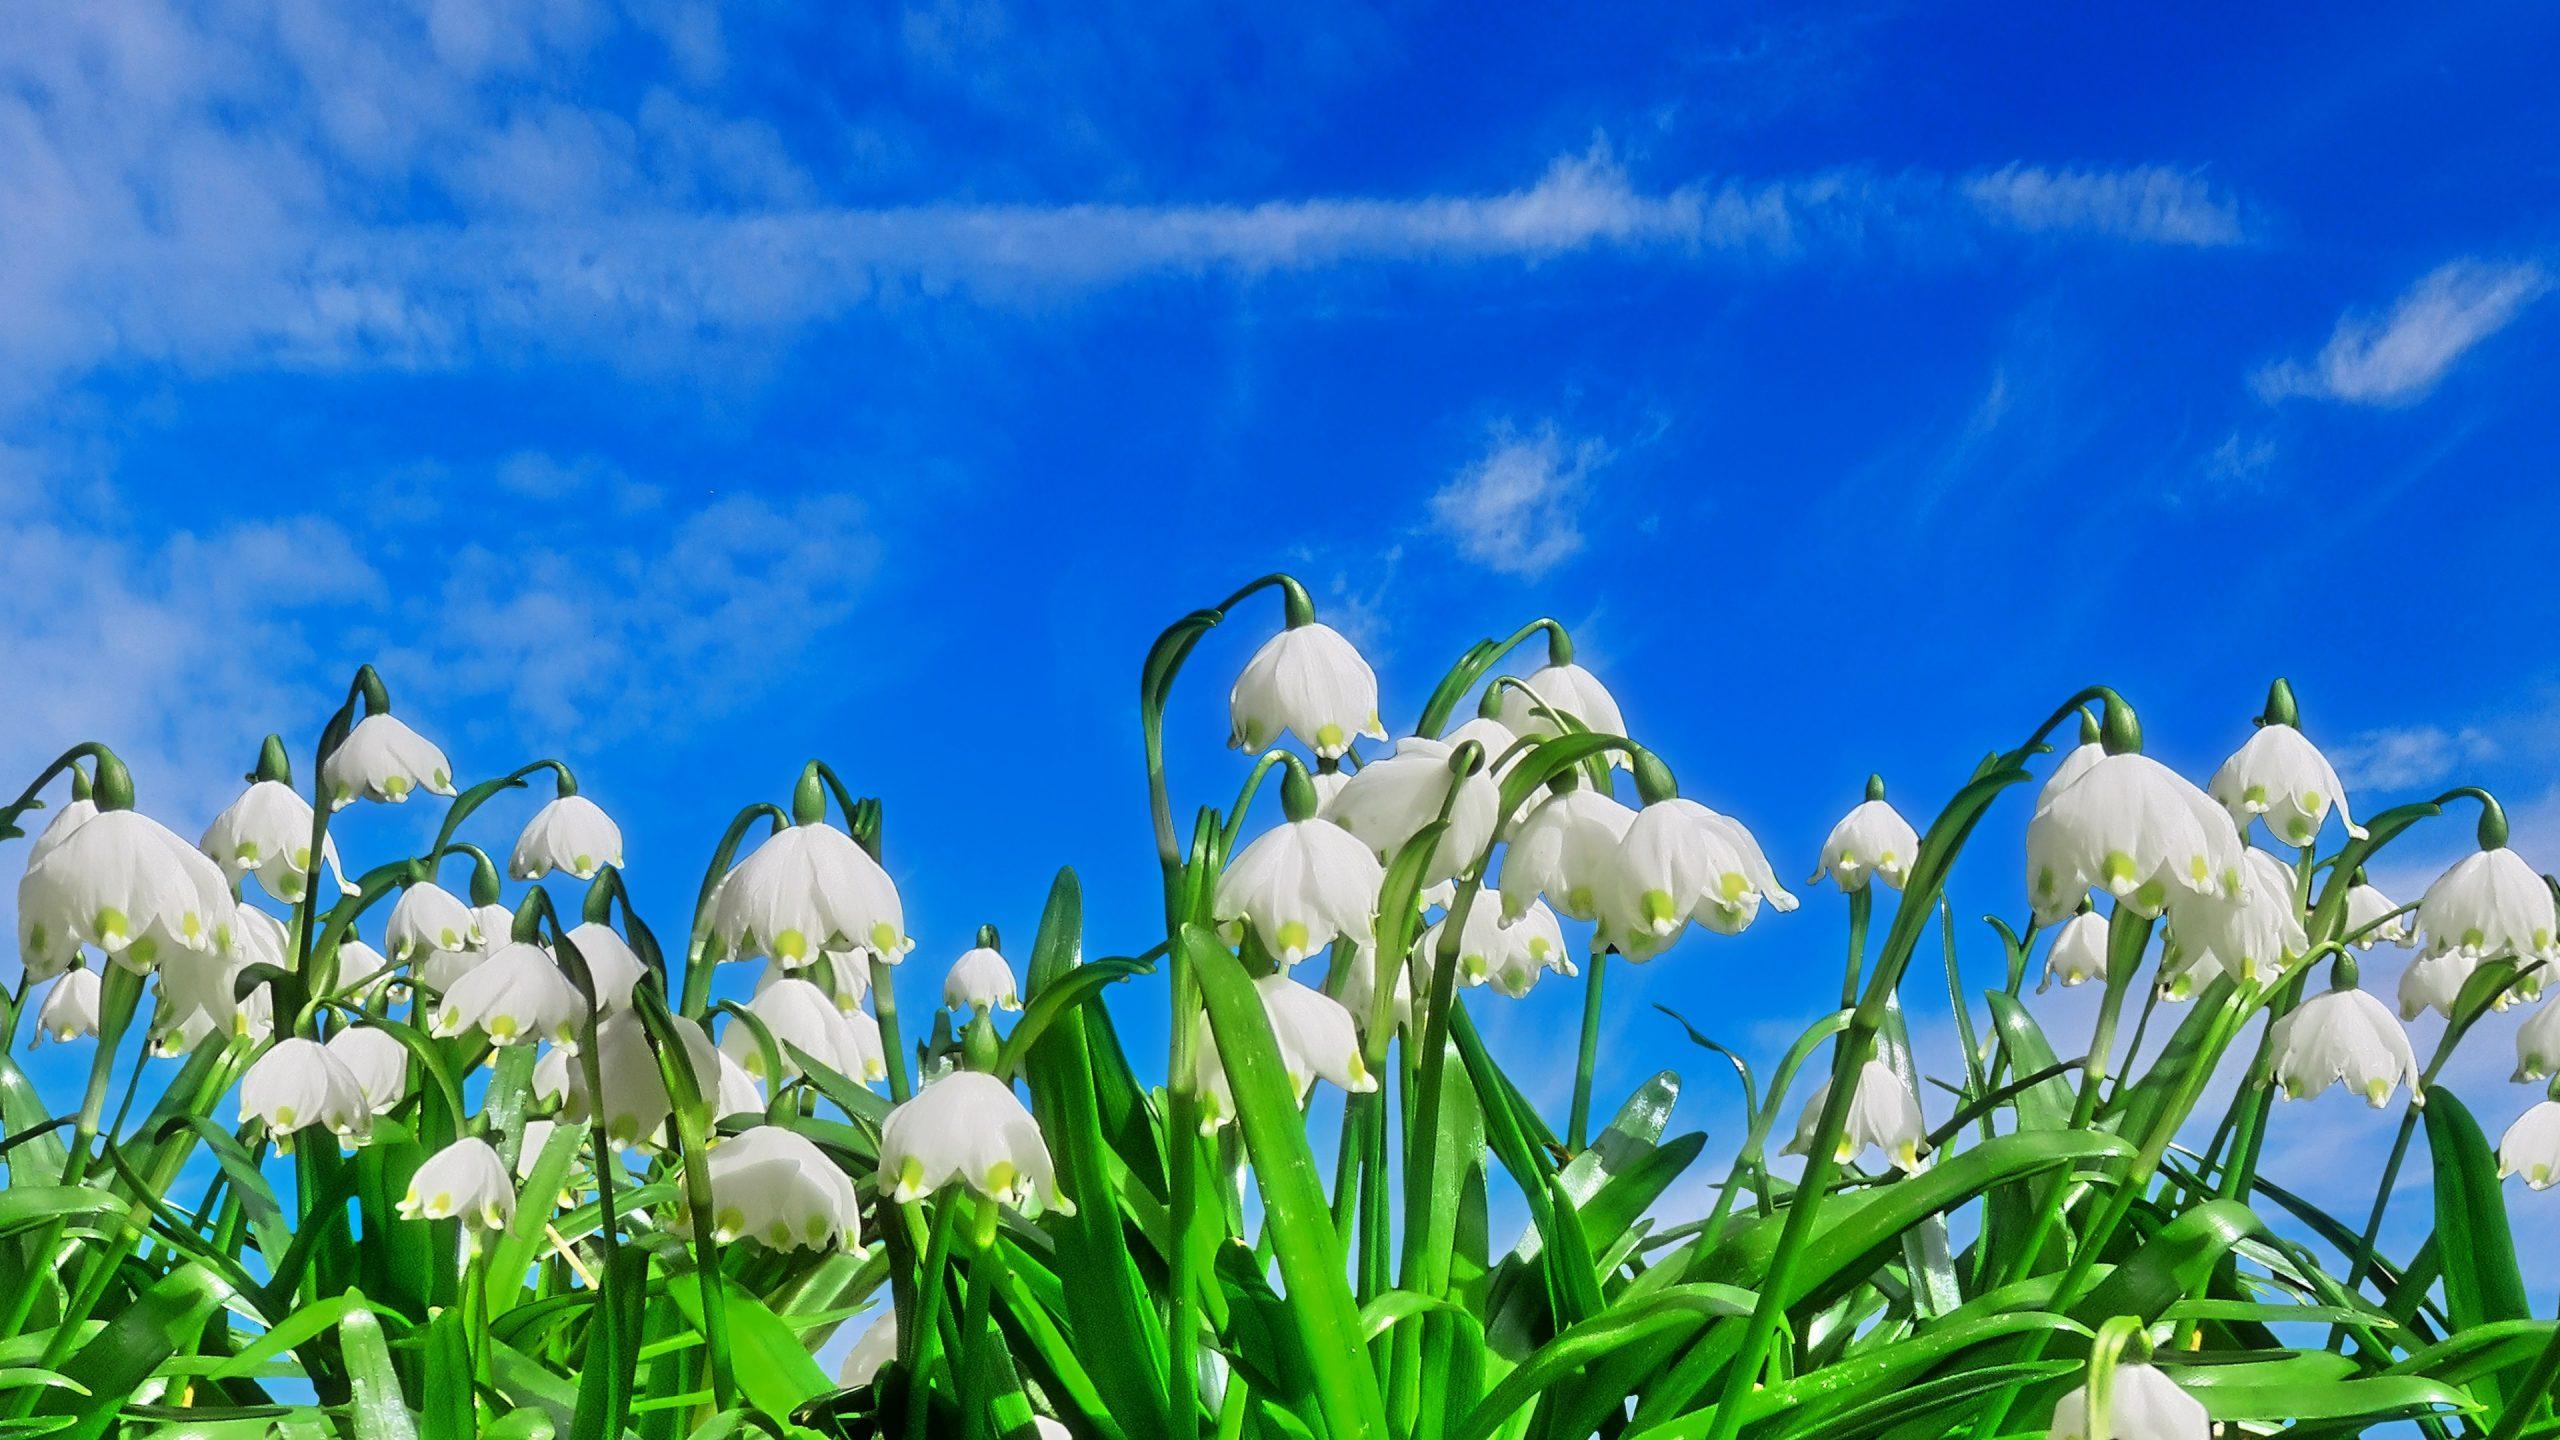 Blumenbilder Frühling Kostenlos bei Blumenbilder Kostenlos Herunterladen